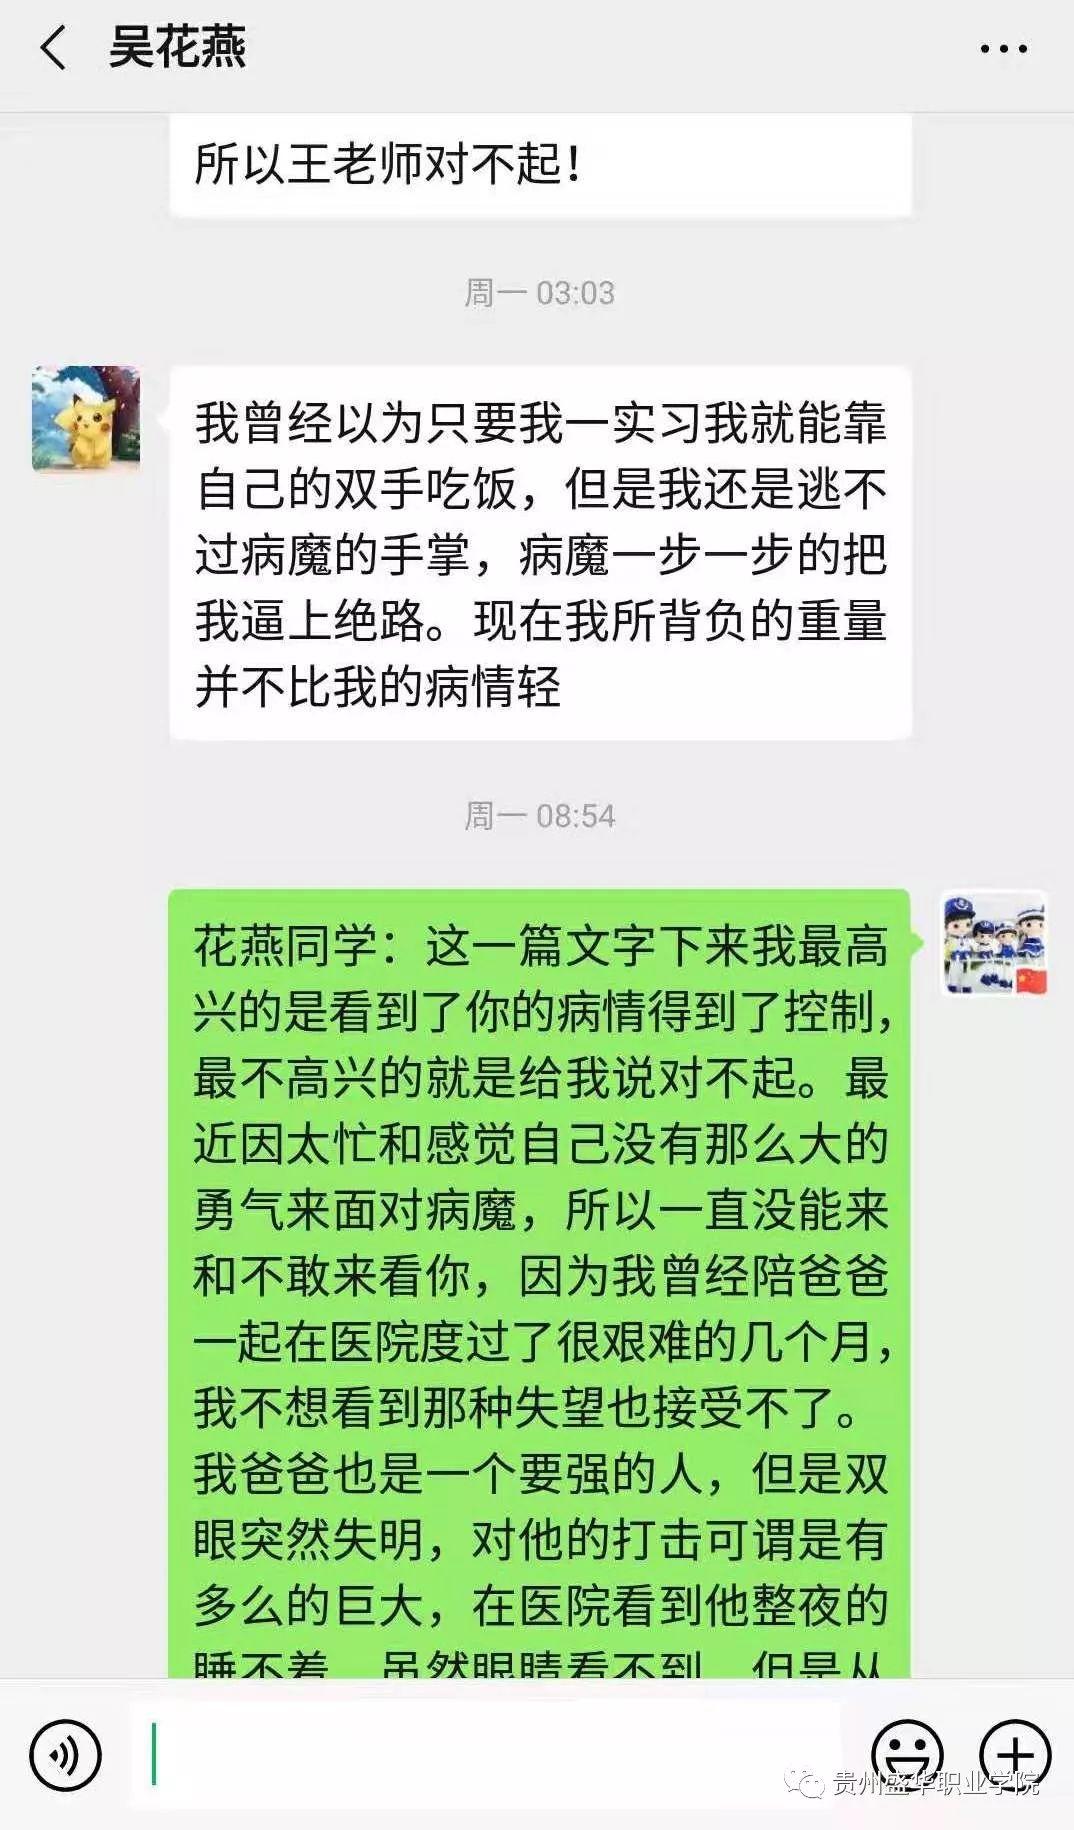 北京pk10凤凰彩票·为什么连老成的 Polo Ralph Lauren也搞这出?